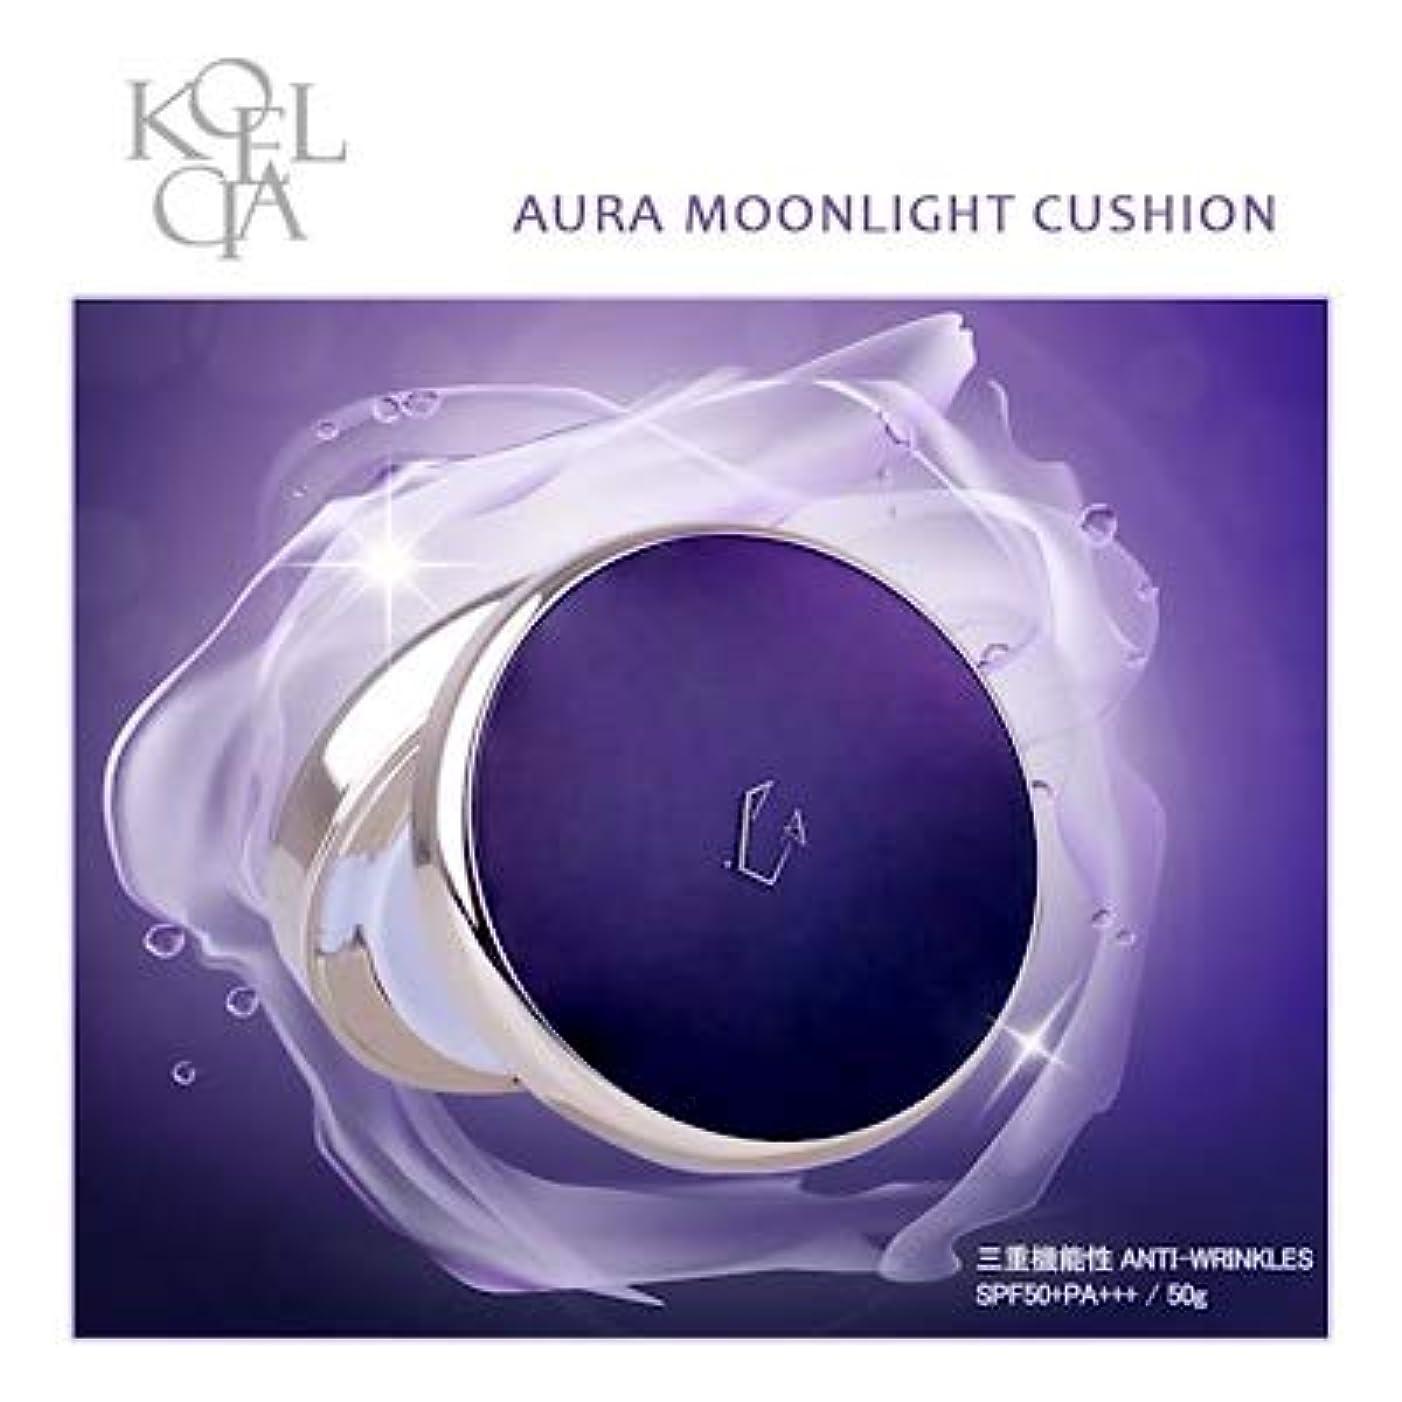 ガス困惑するラックKOELCIA Aura Moonlight Cushion 14g No.21(Light Beige) クッション 三重機能性Anti-Wrinkles(SPF50+PA+++ / 14g)完全新商品!!/Korea Cosmetics